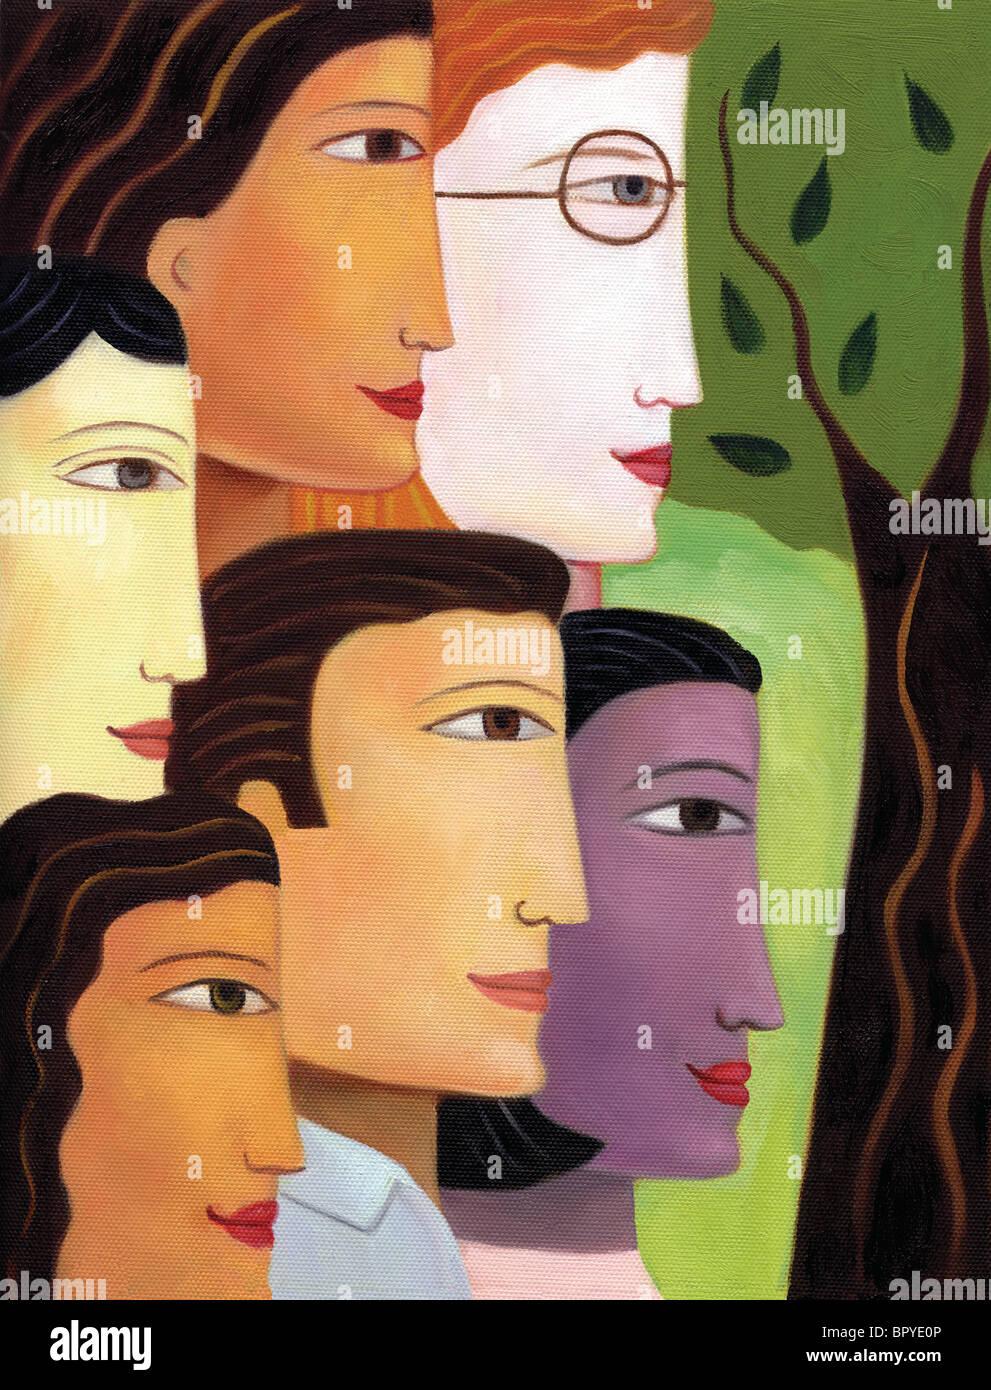 Los perfiles de un grupo de etnias mixtas Imagen De Stock